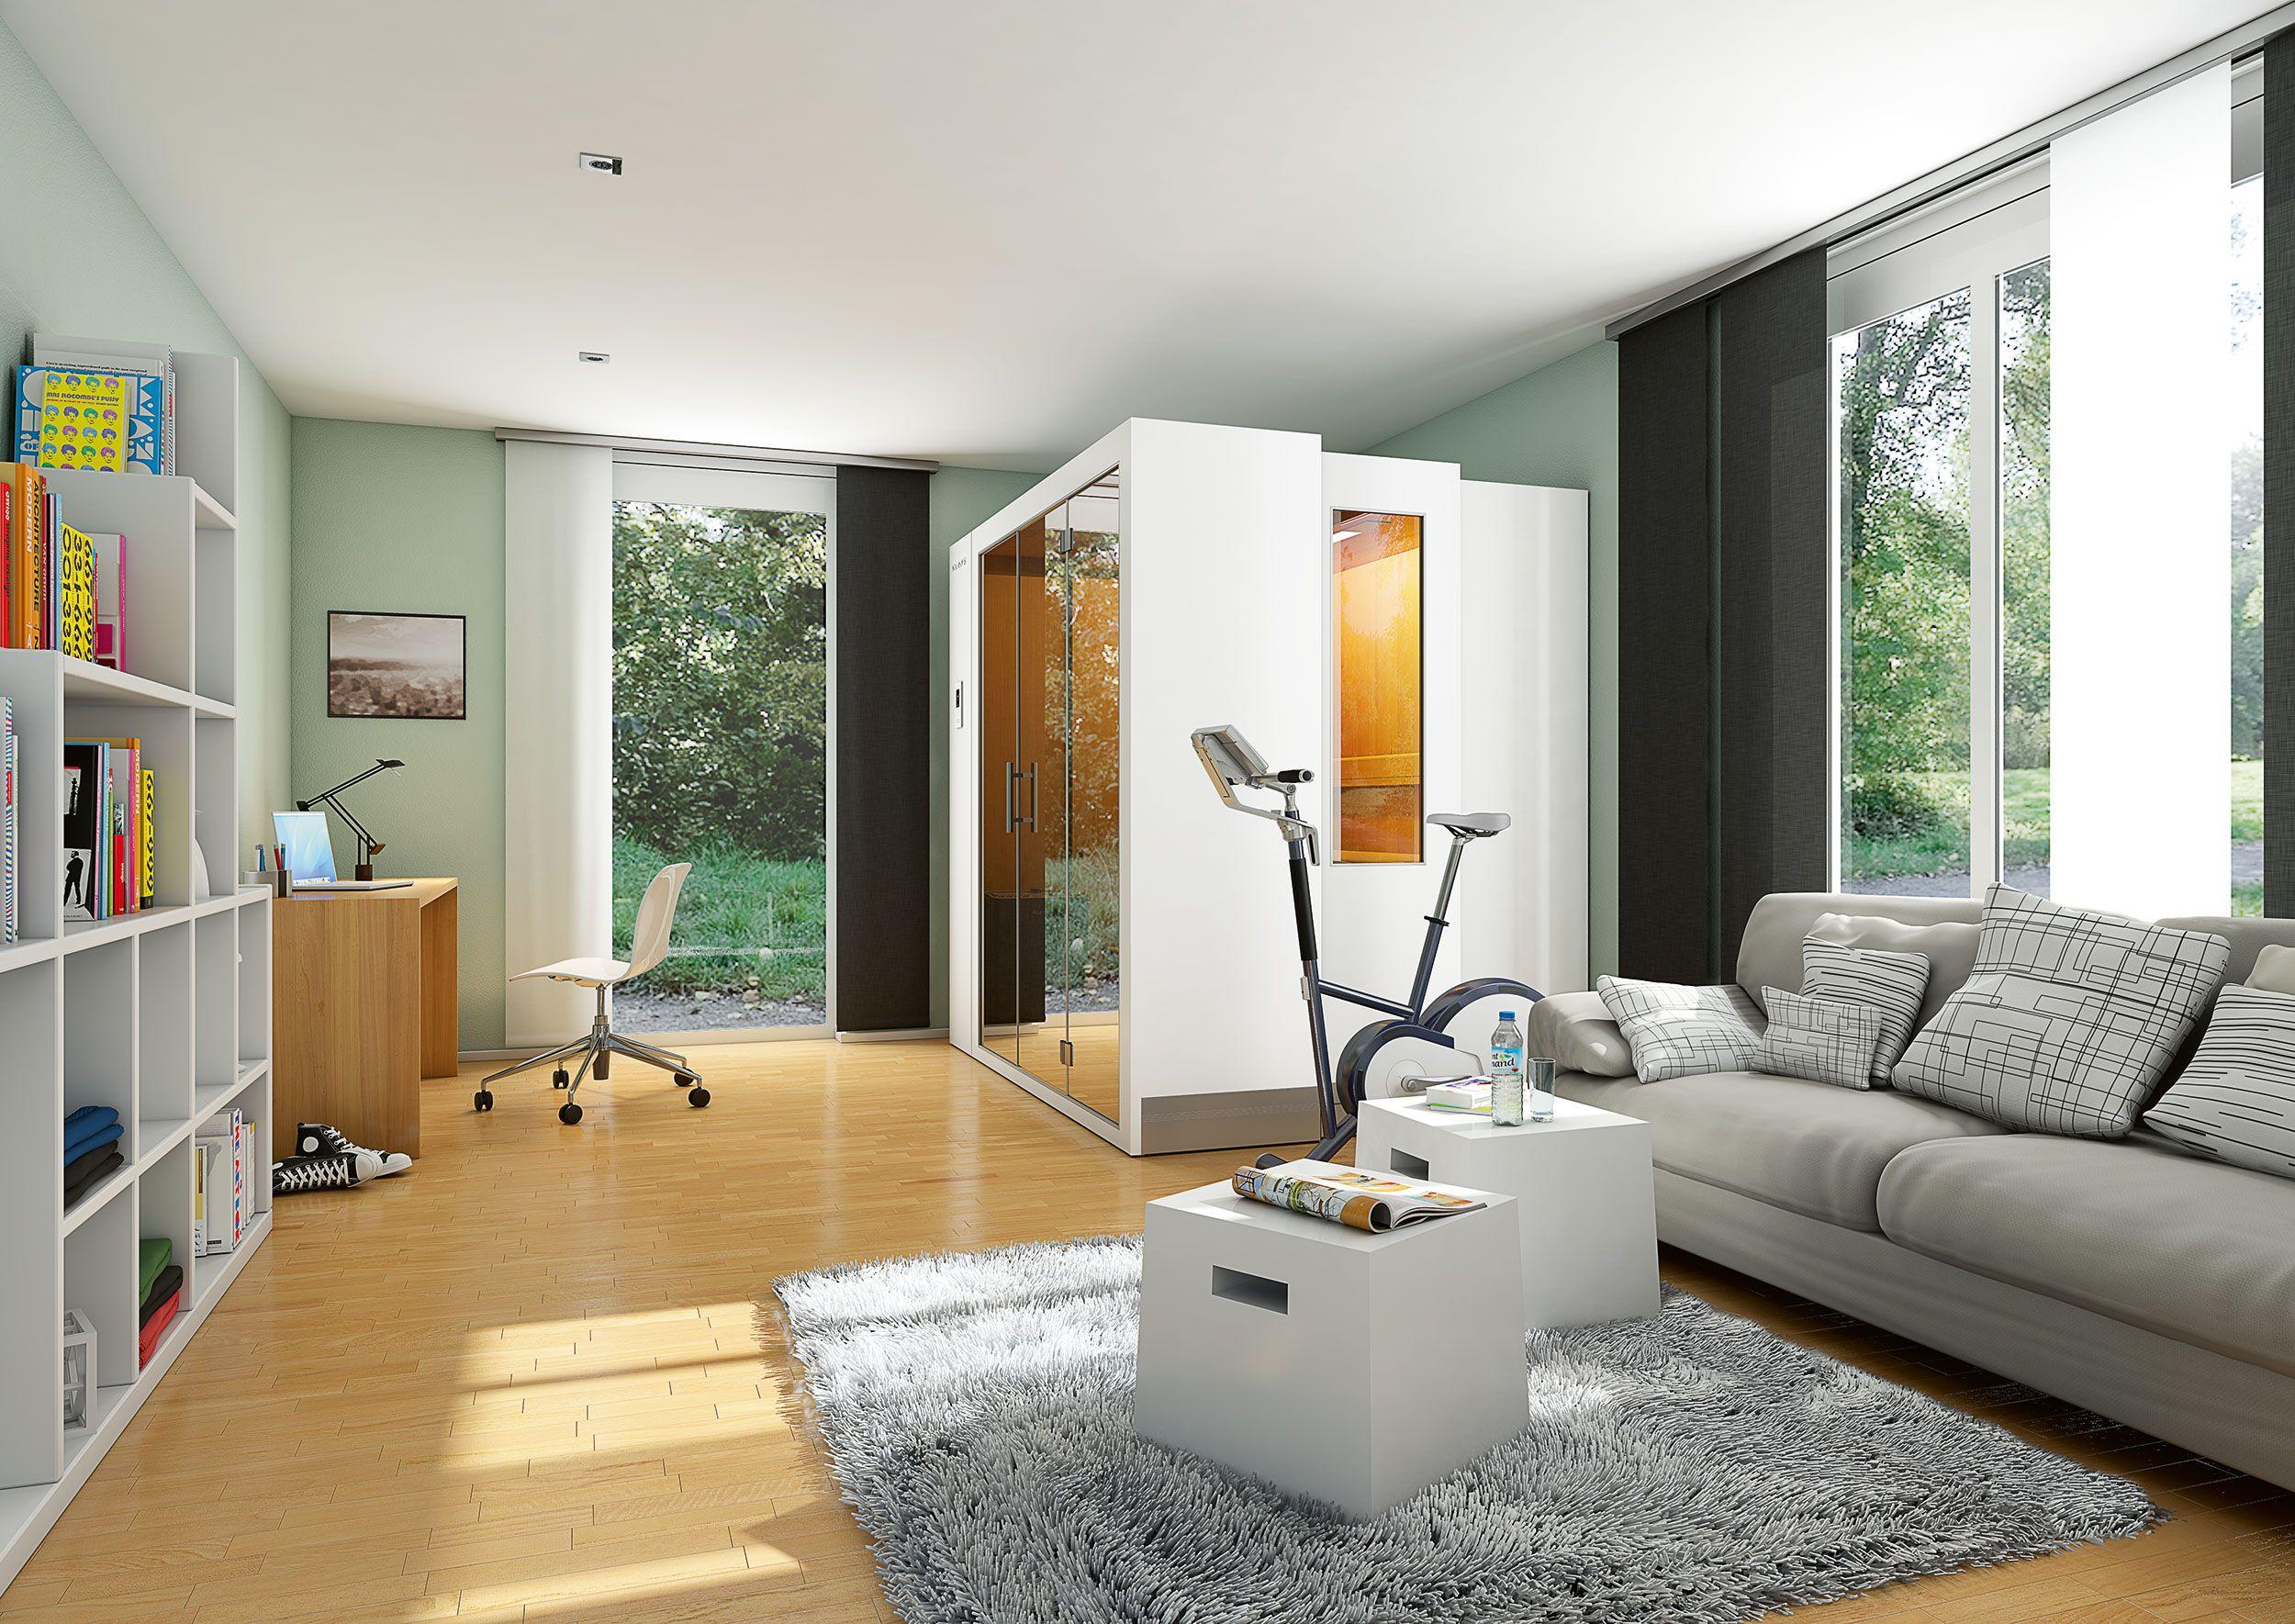 S1 von KLAFS – die erste ausziehbare Sauna für jedes Zuhause | Sauna ...